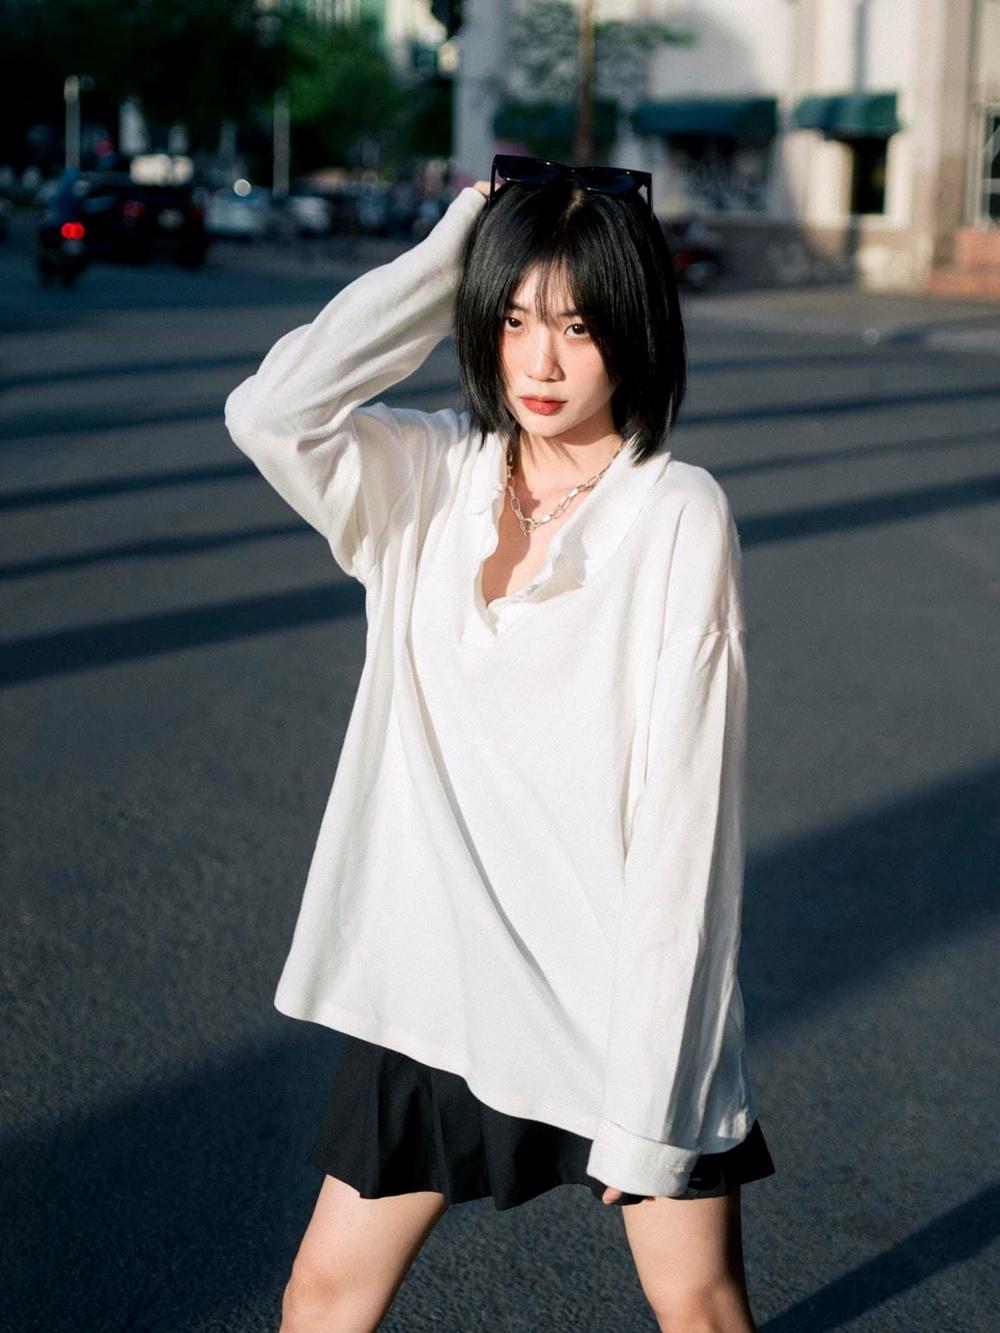 Trang Yue muốn phát triển mình bằng chính khả năng. Với cô, việc đầu tiên của người ca sĩ là phải có là kỹ năng hát live.